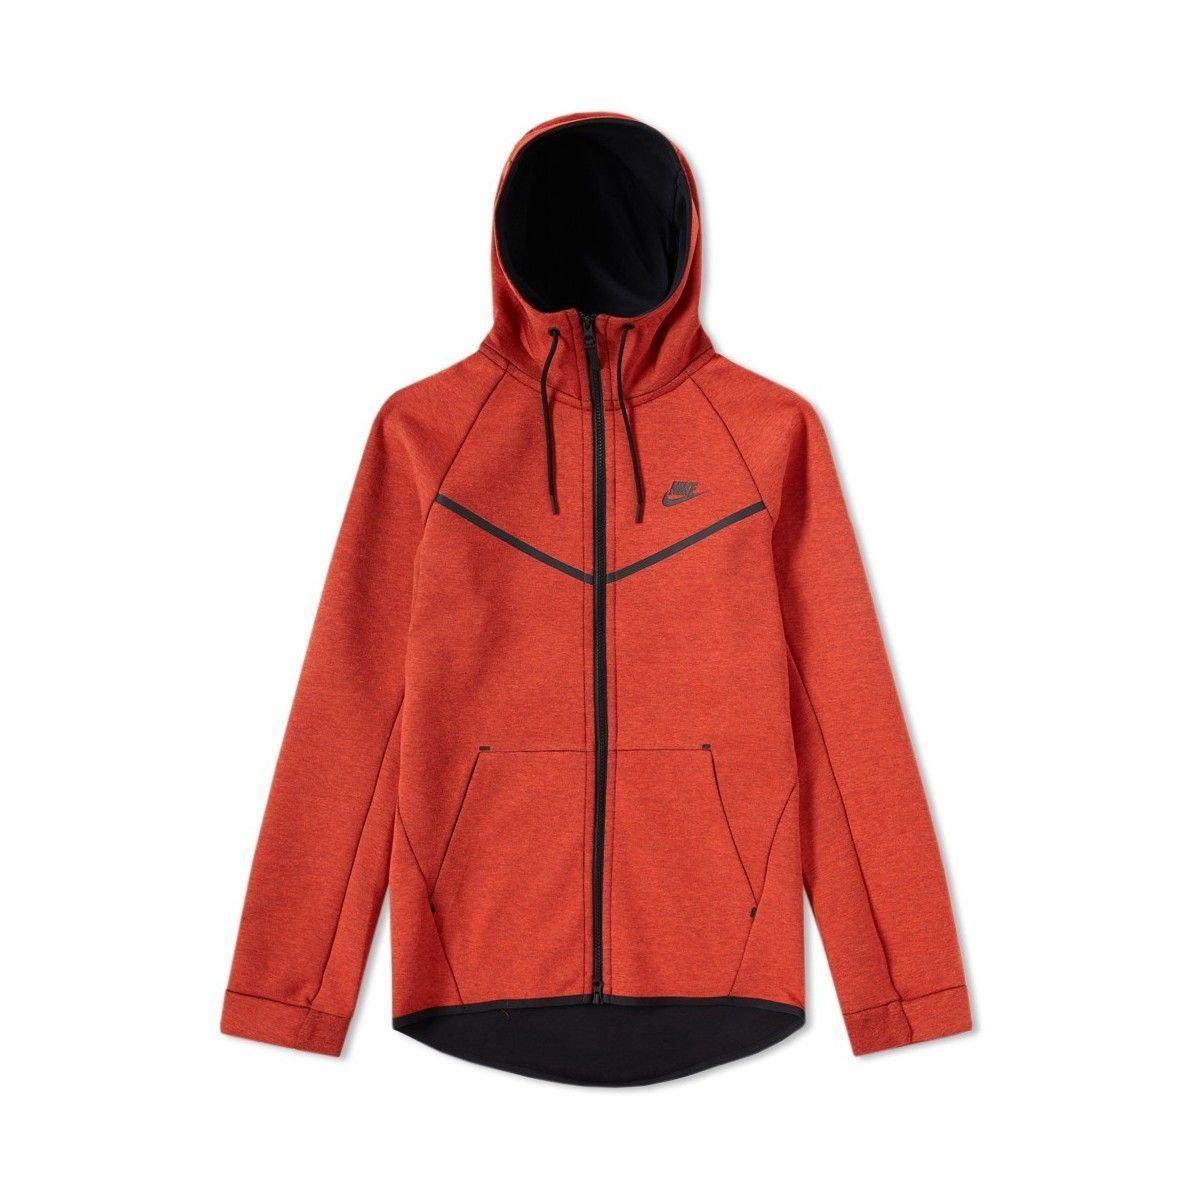 Sweat Sportswear Tech Fleece Windrunner 805144 852 | Nike